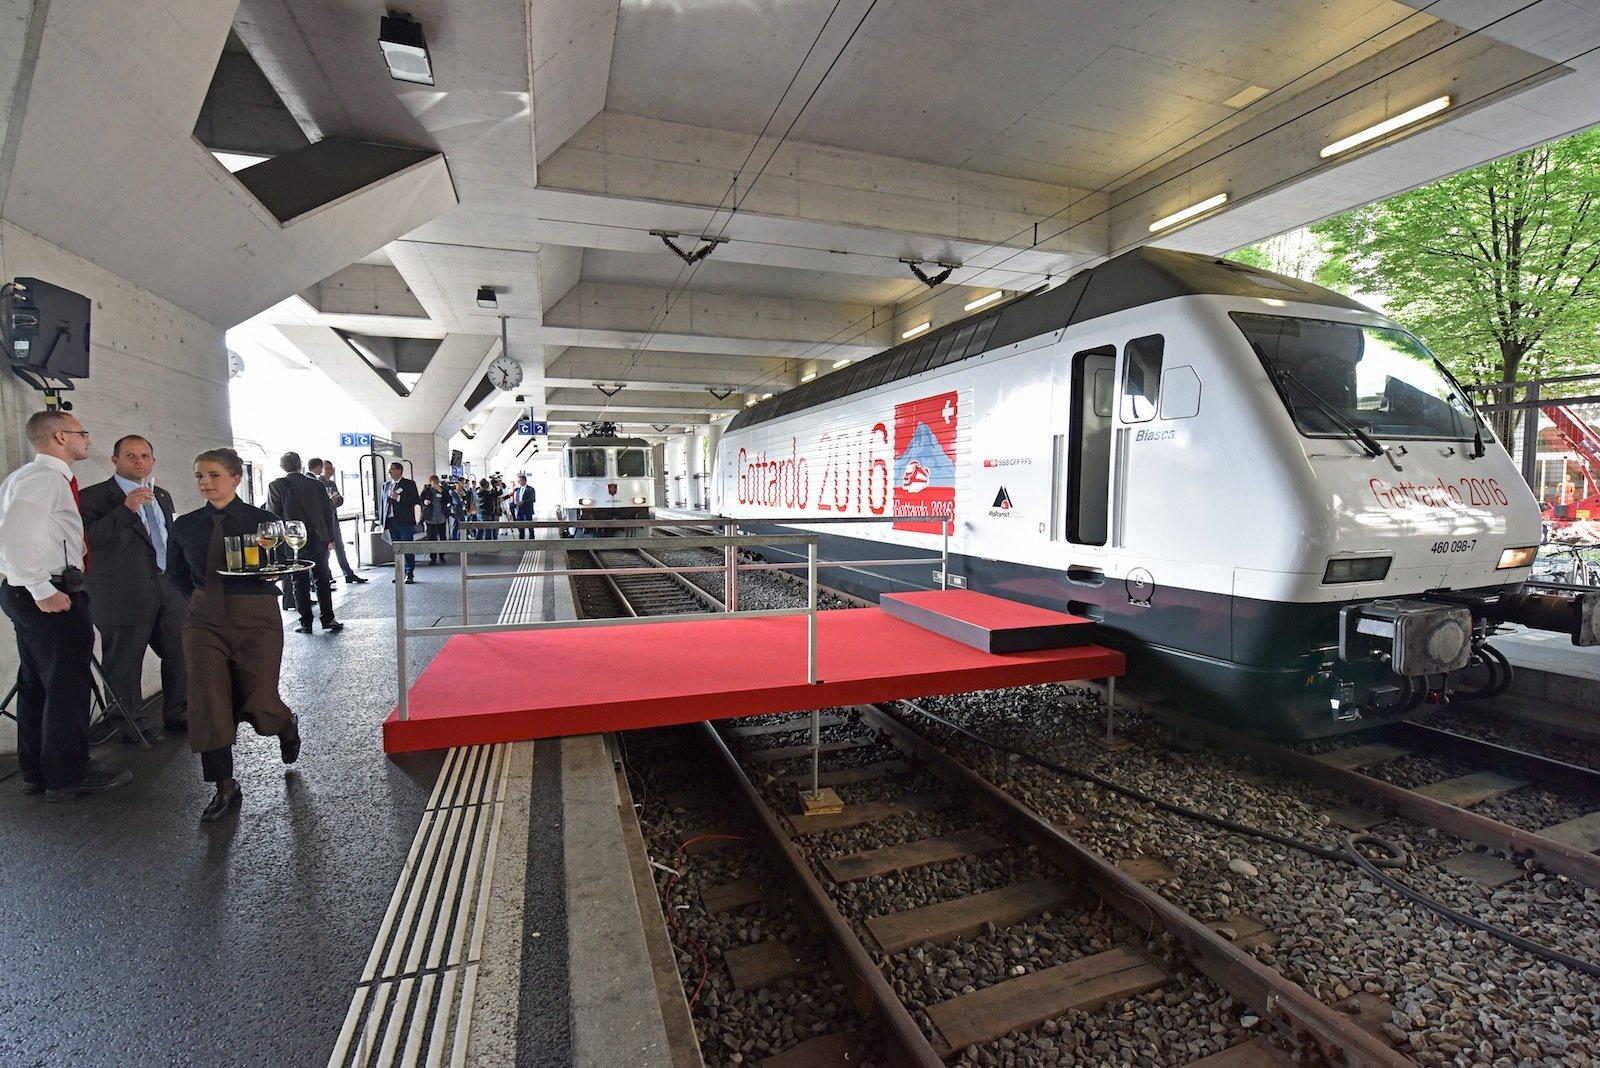 Roter Teppich und Sekt: Ein bisschen vorgefeiert wurde schon. DerGotthardshuttle steht parat.